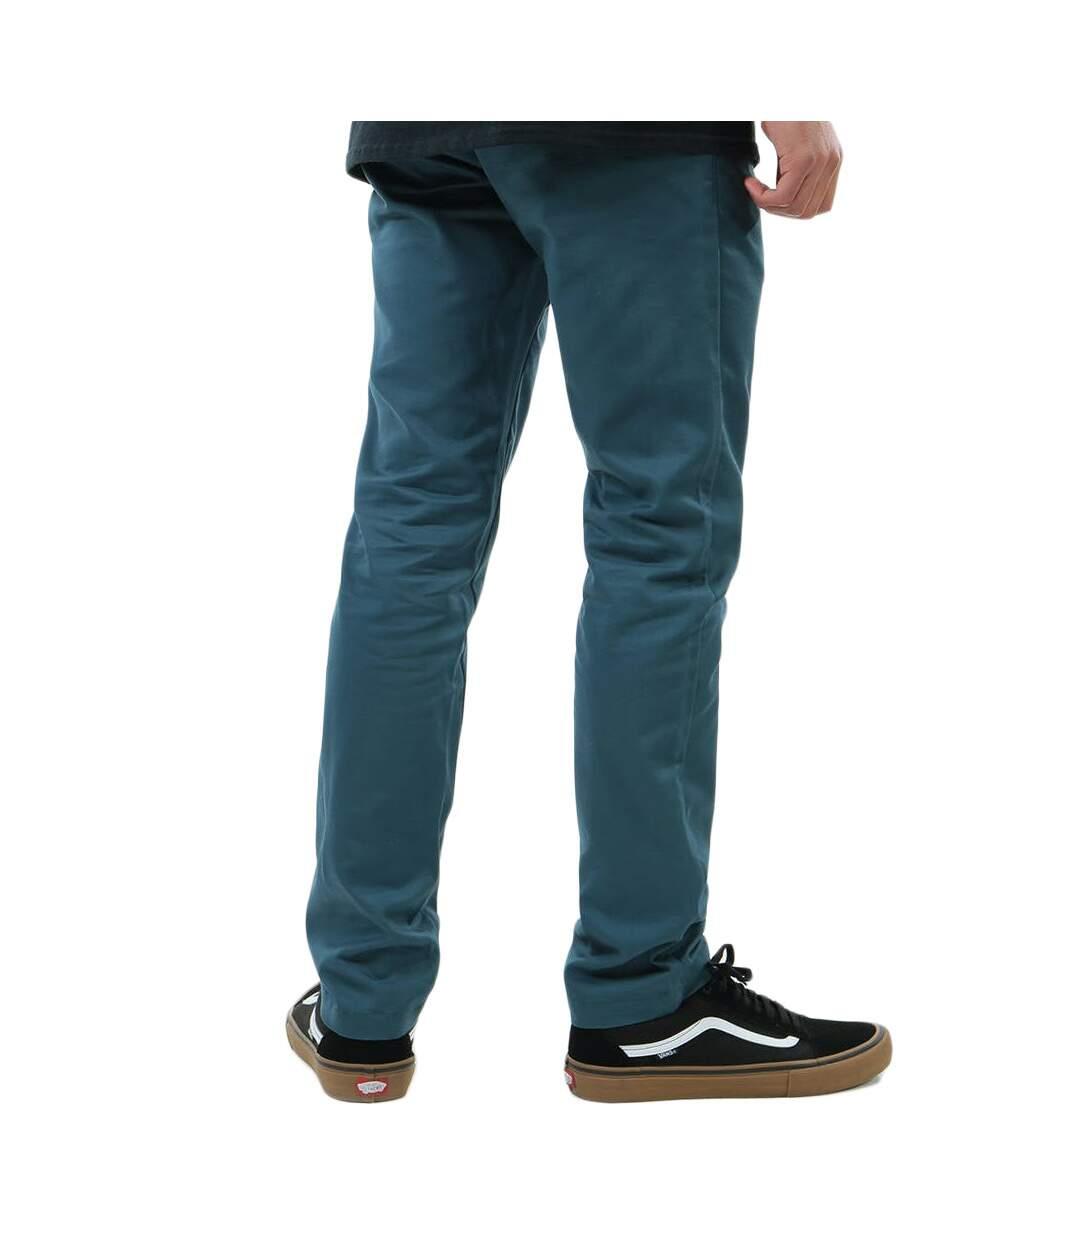 Pantalon Bleu Pétrole Homme Vans Authentic Chino | Atlas For Men